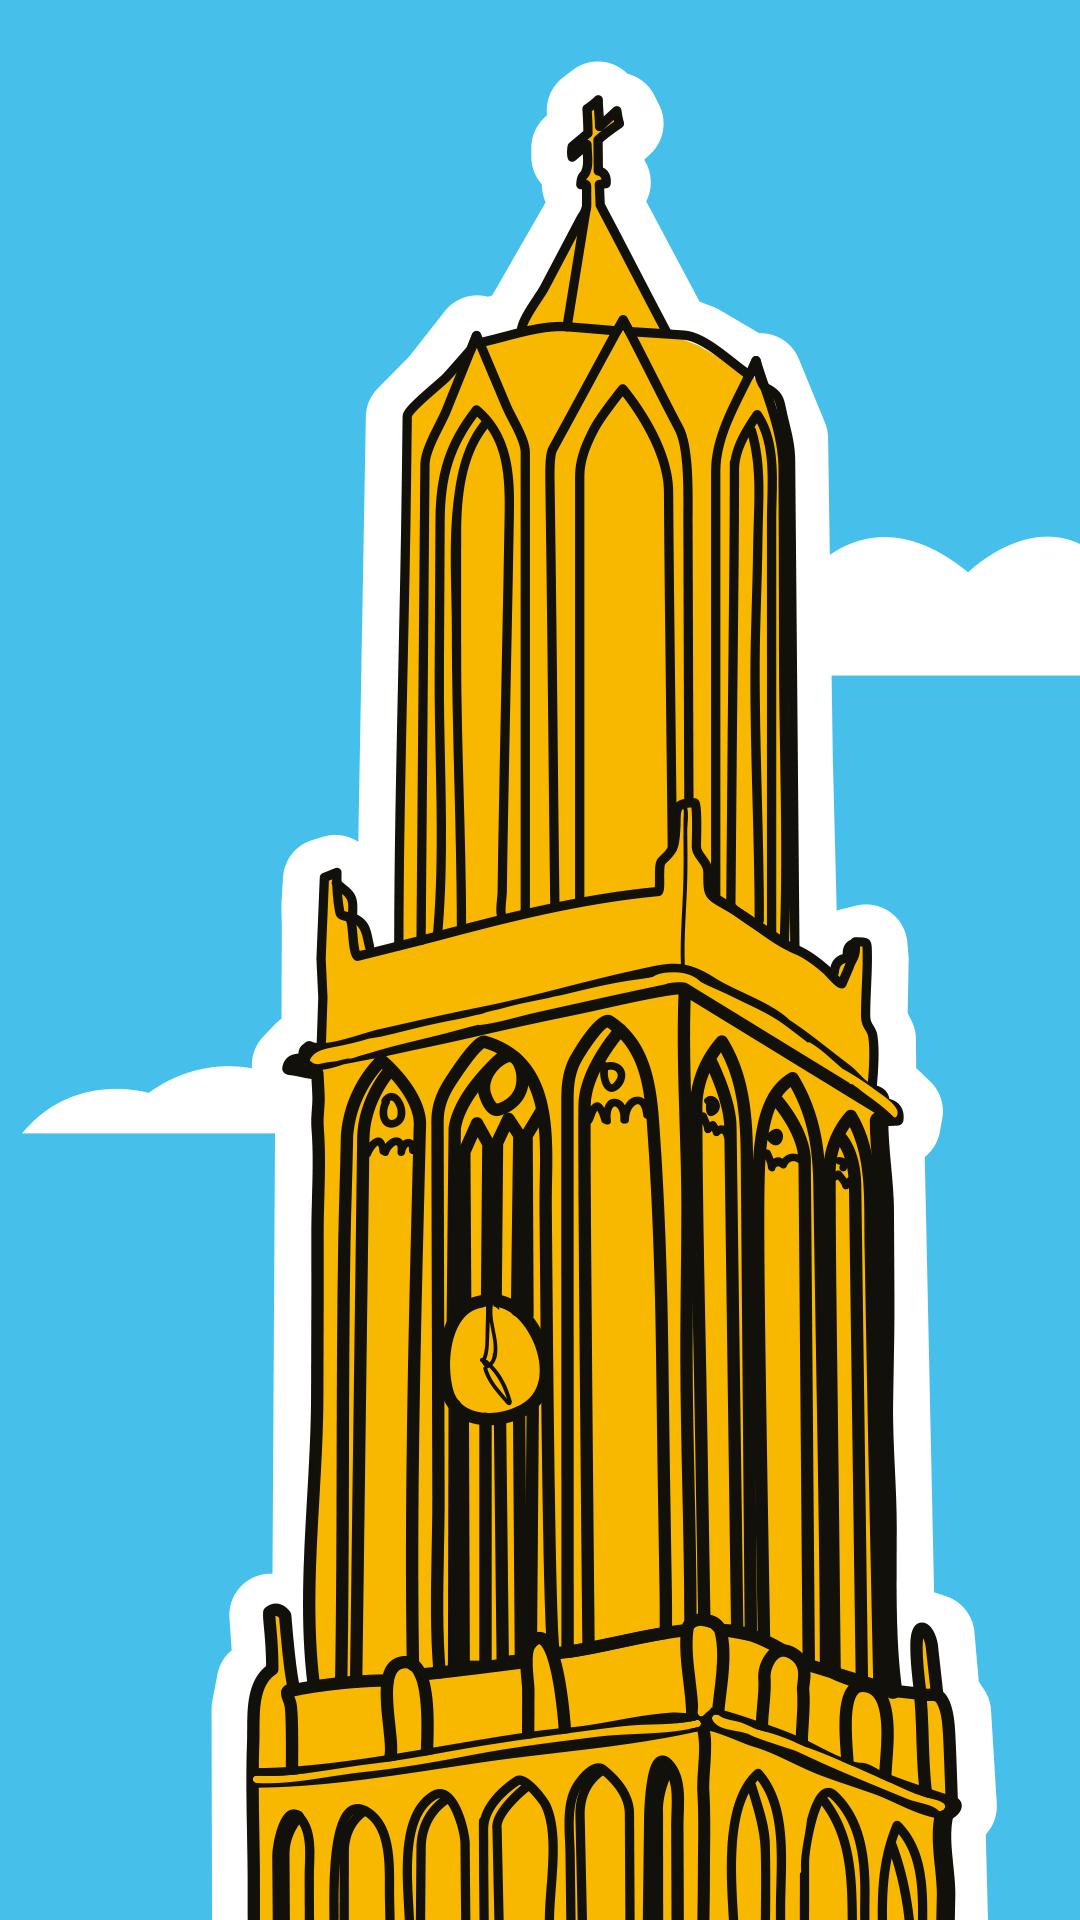 Muurtekening-Utrecht-Skyline-jacco-de-jager